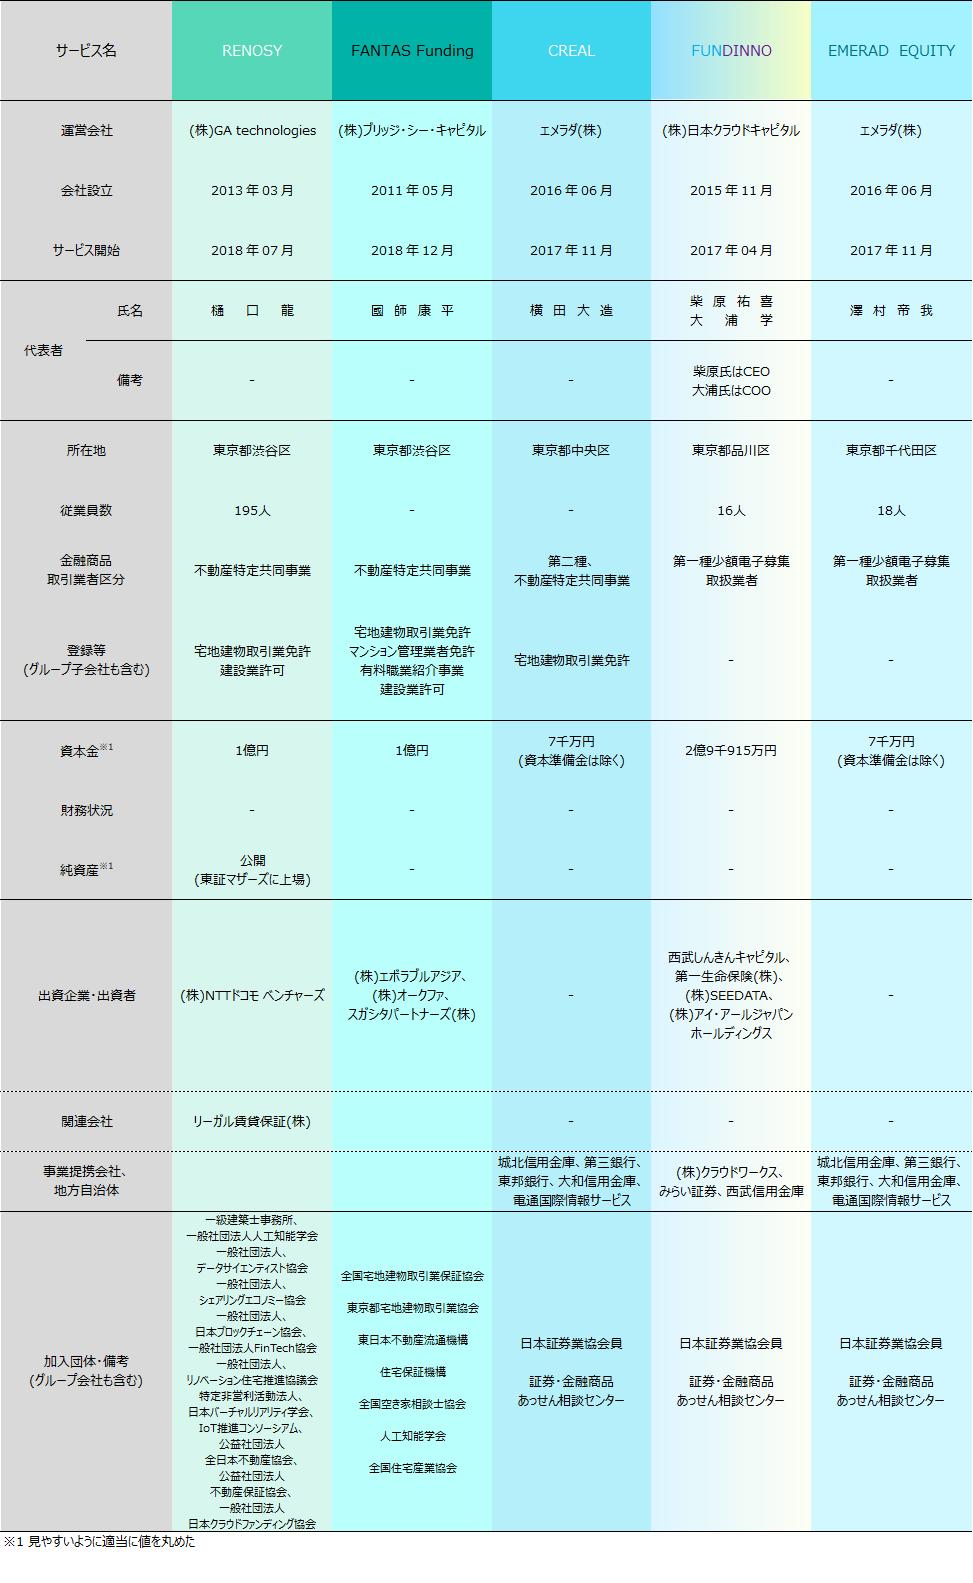 ソーシャルレンディング2019年01月各社比較2019021905